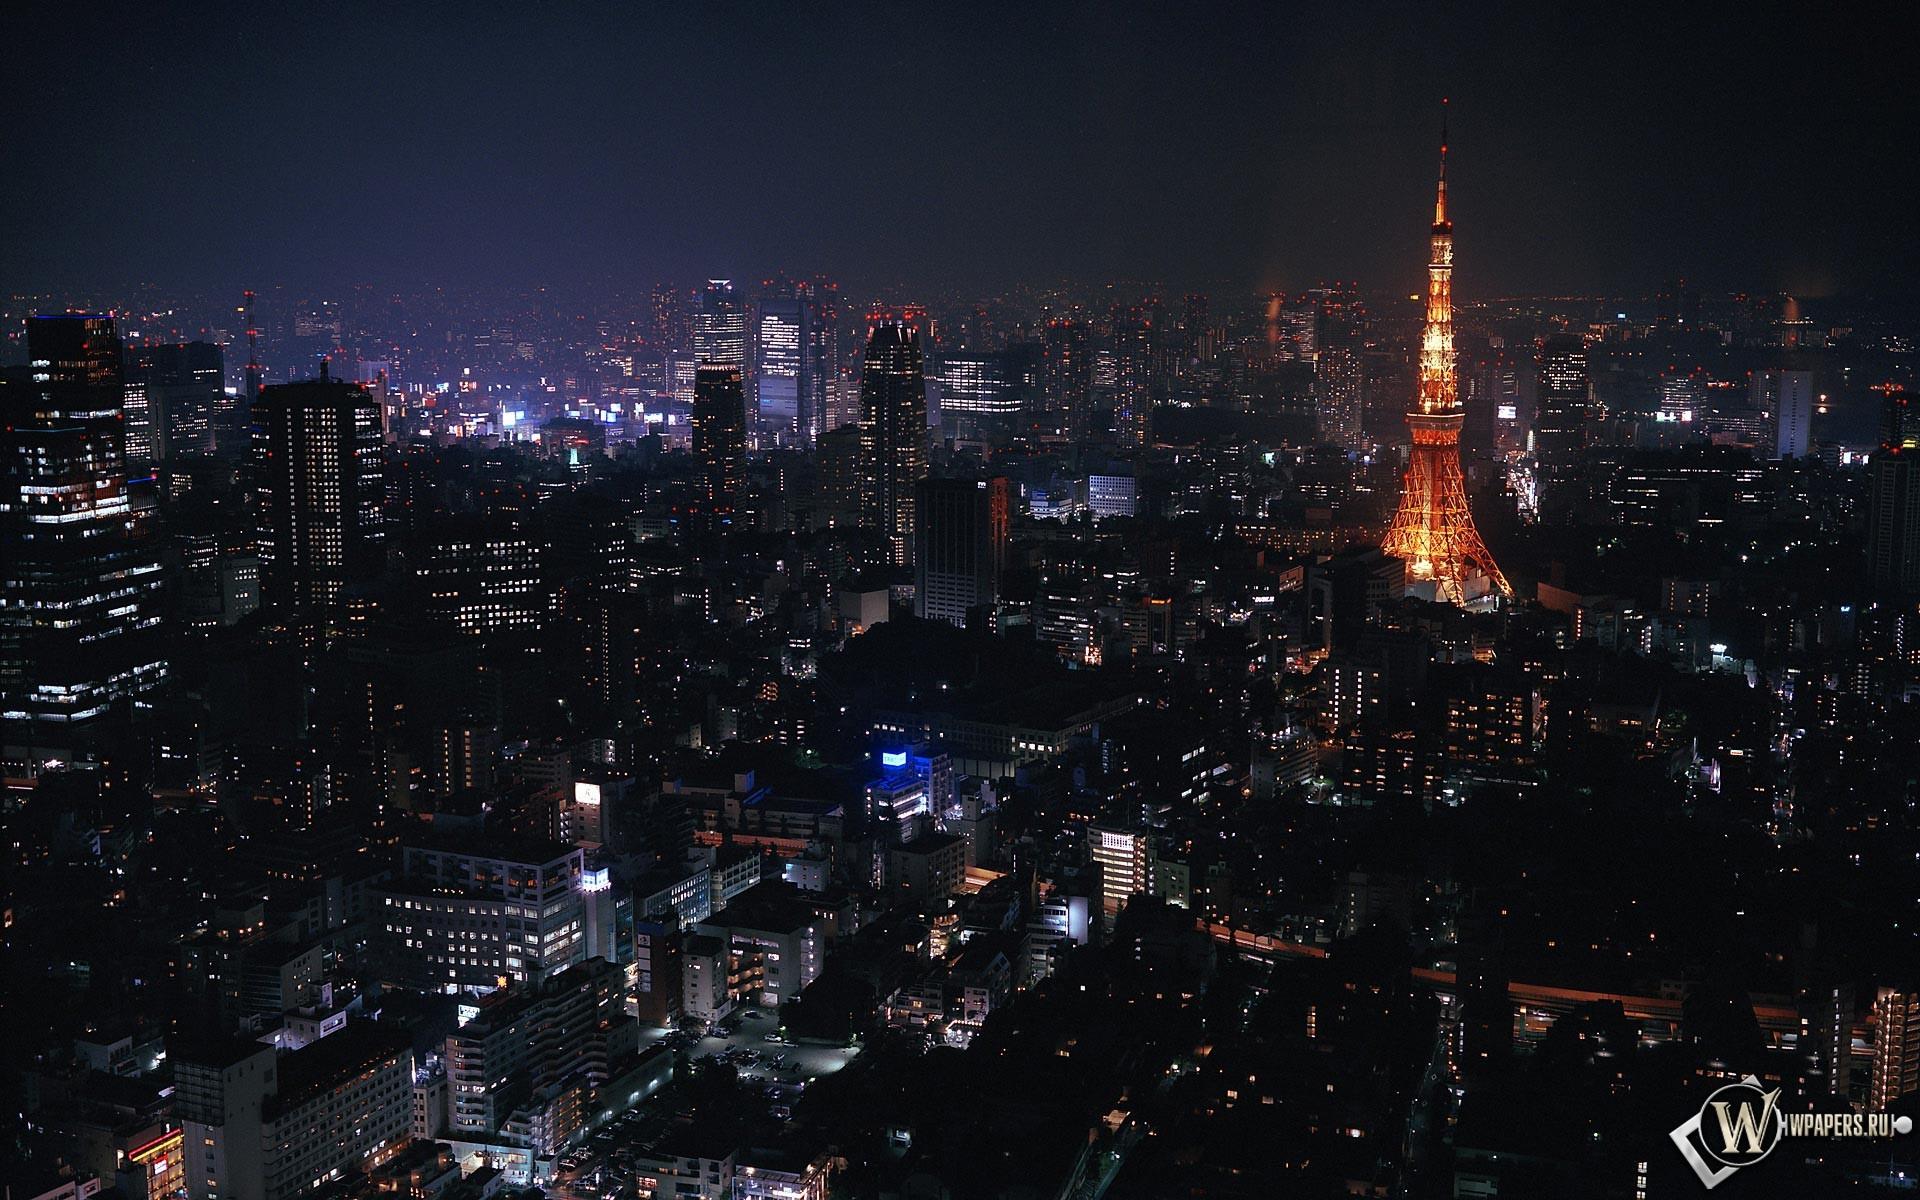 Токио ночью 1920x1200